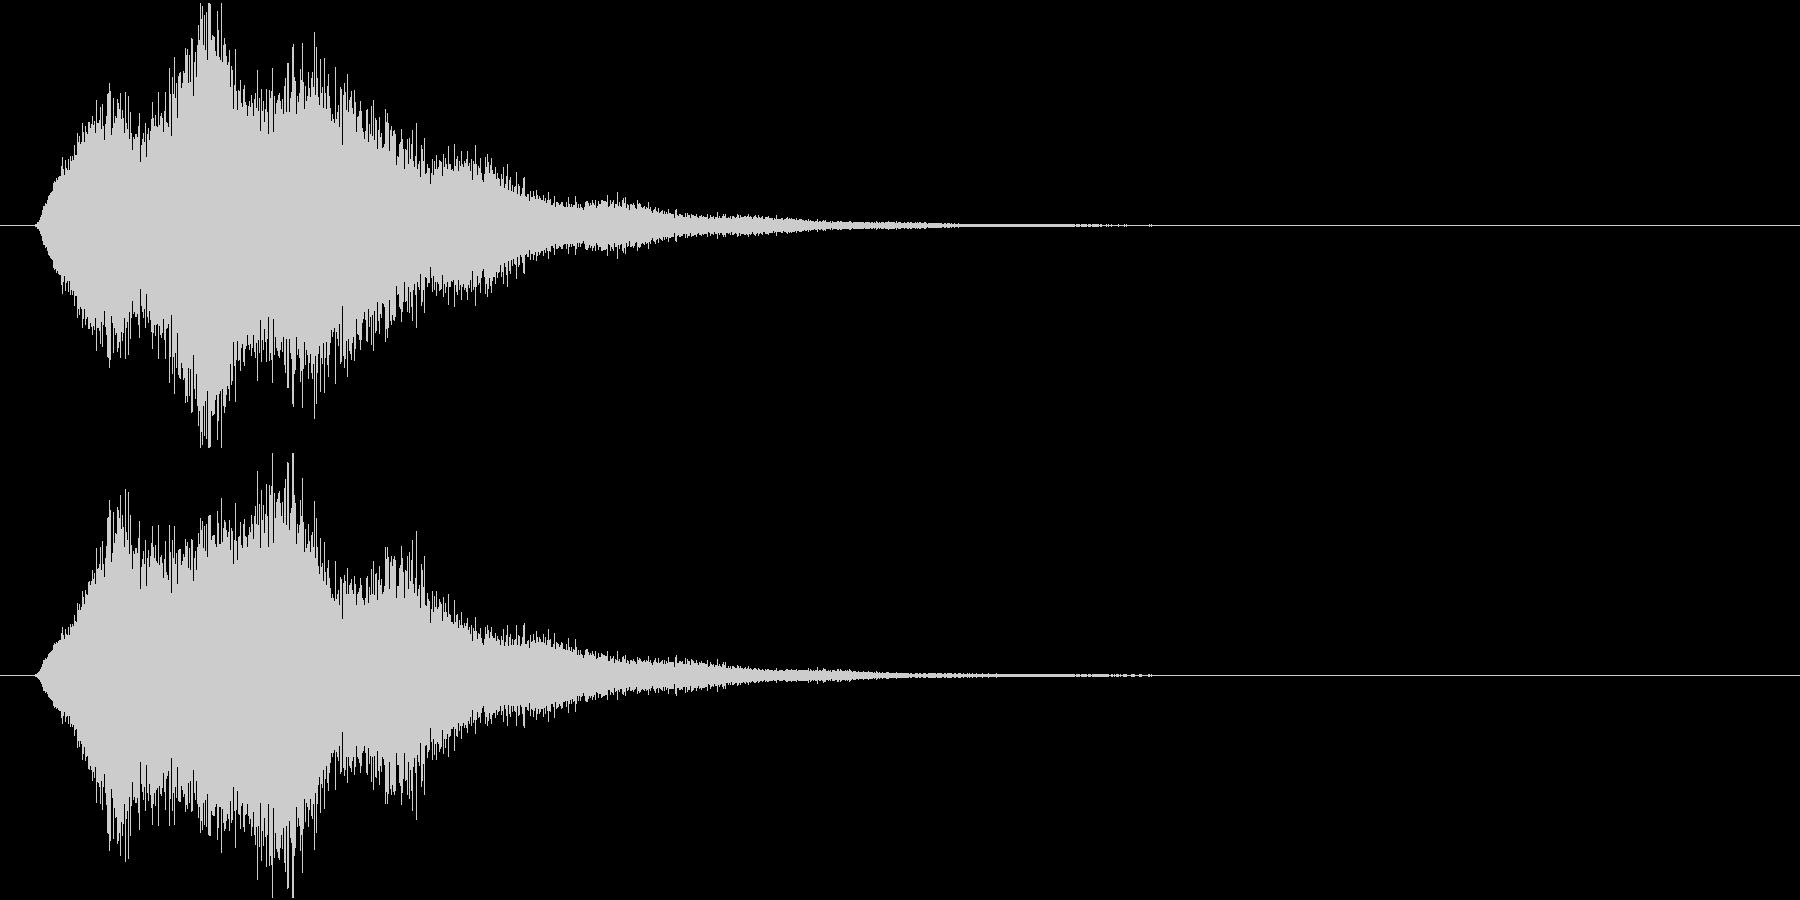 魔法や忍術系の回転音の未再生の波形